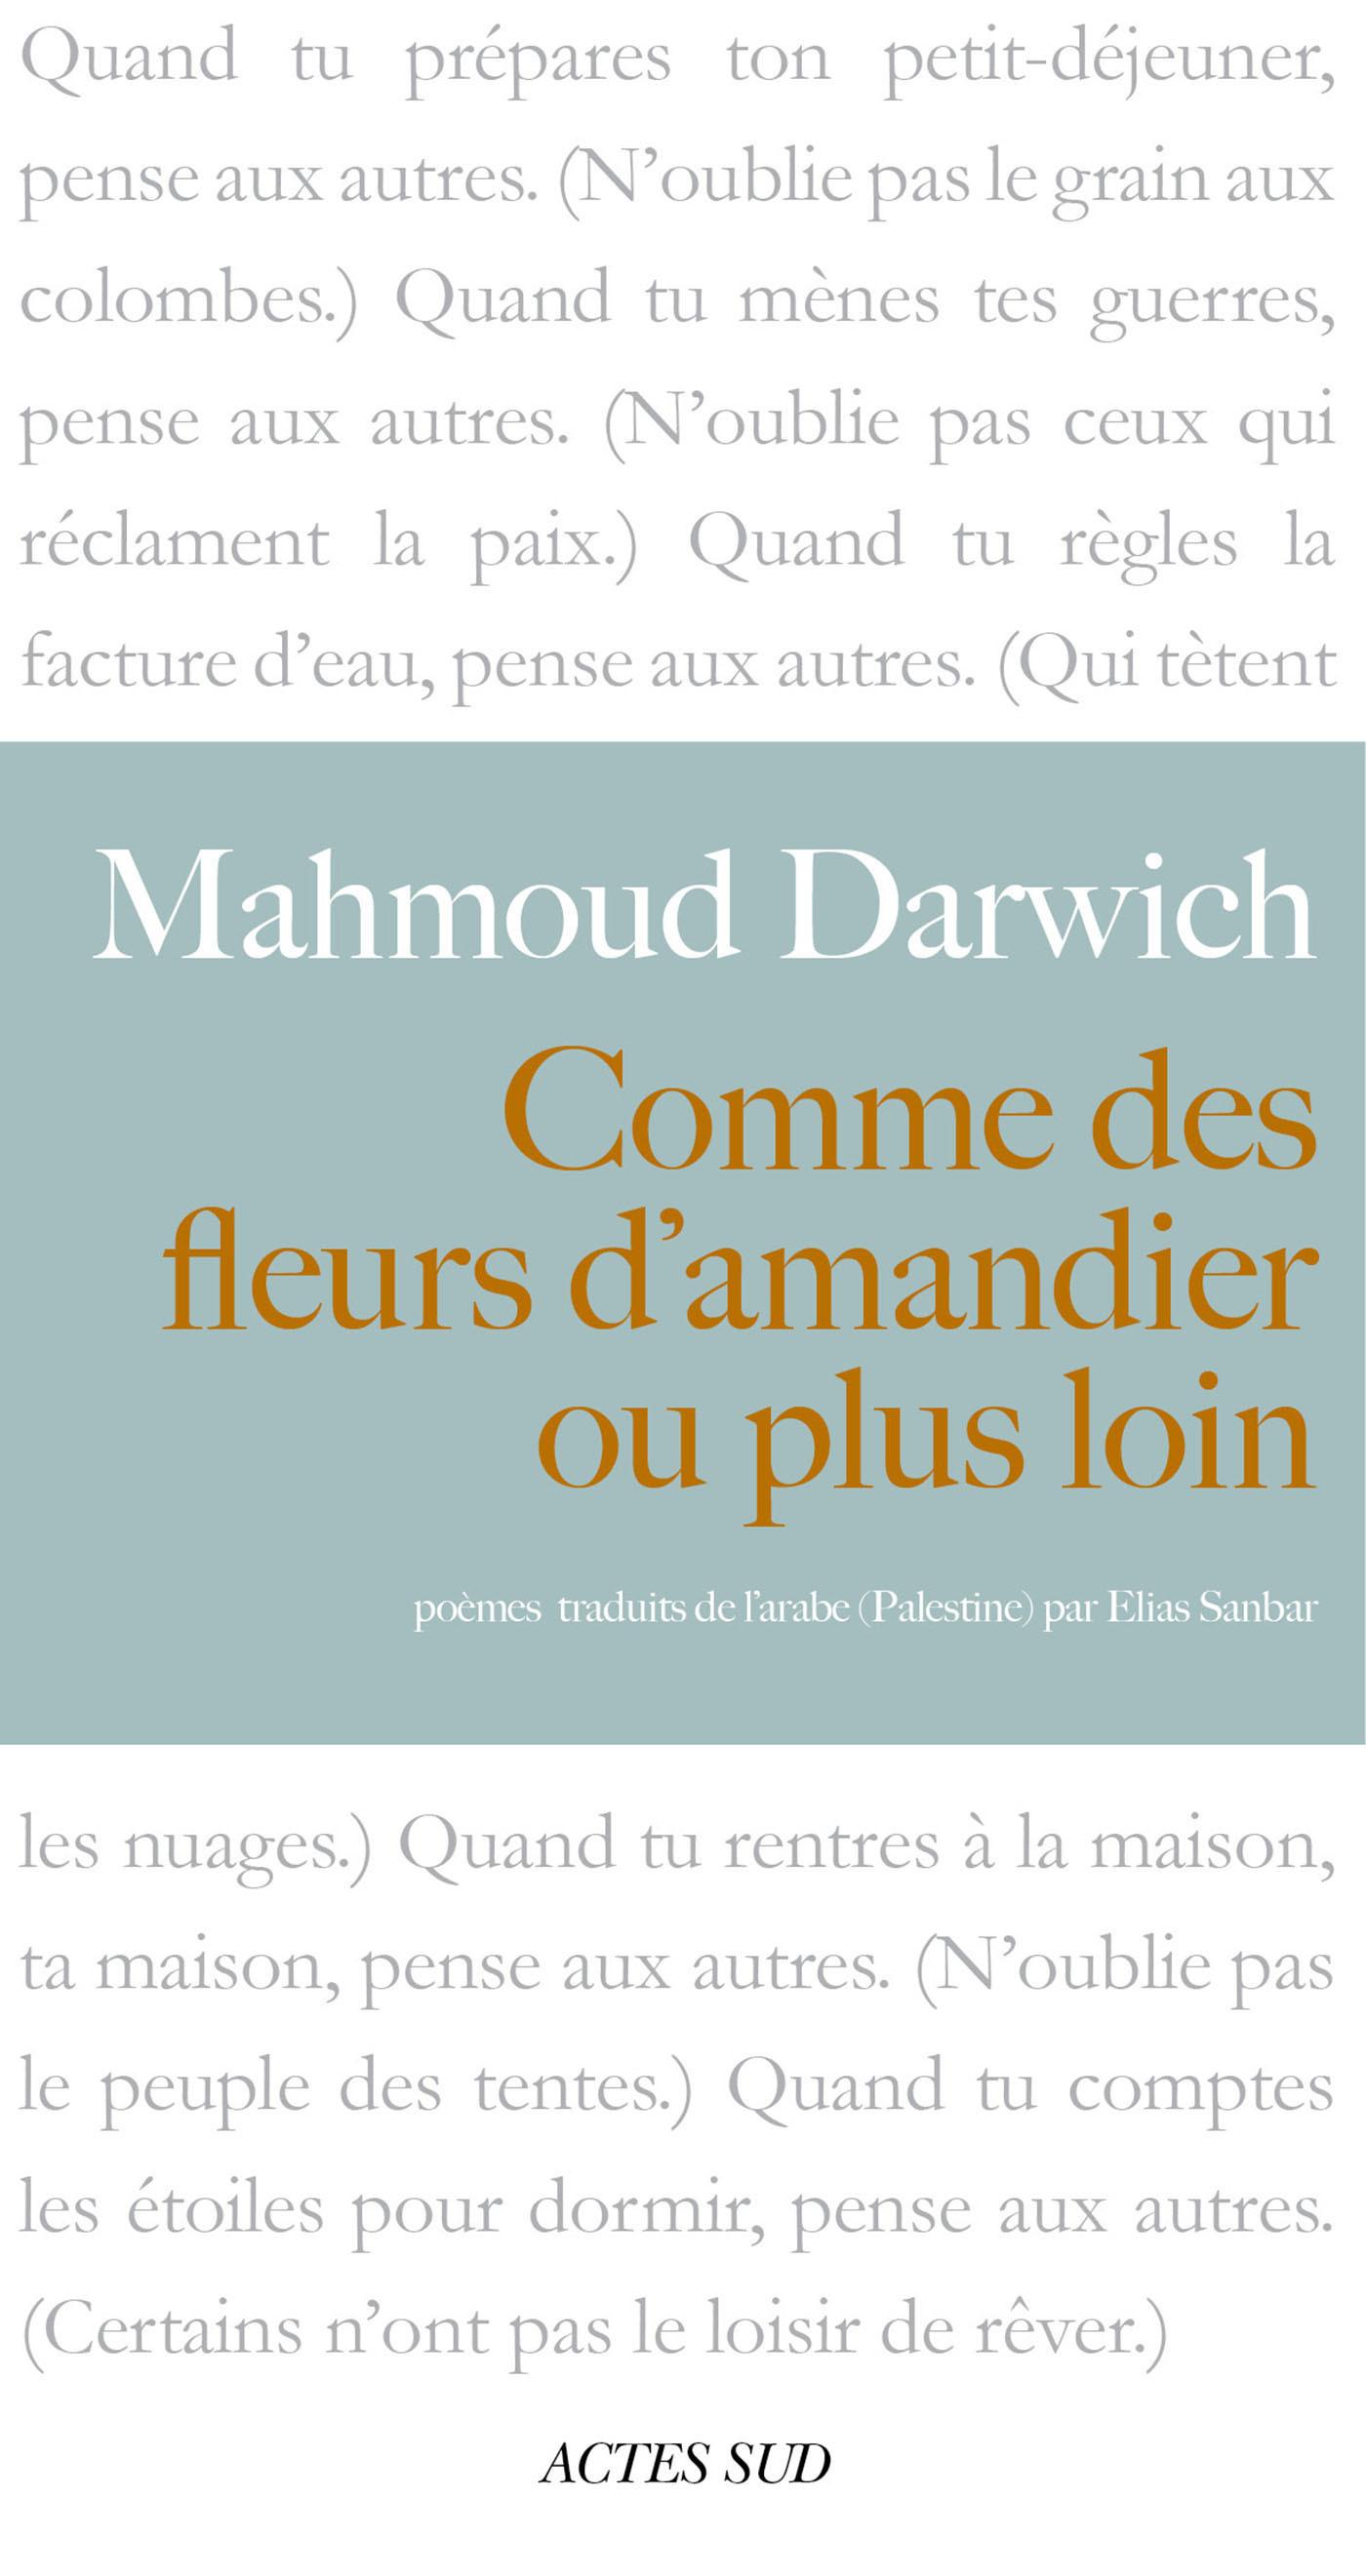 Comme Des Fleurs D Amandier Ou Plus Loin Poemes Par Mahmoud